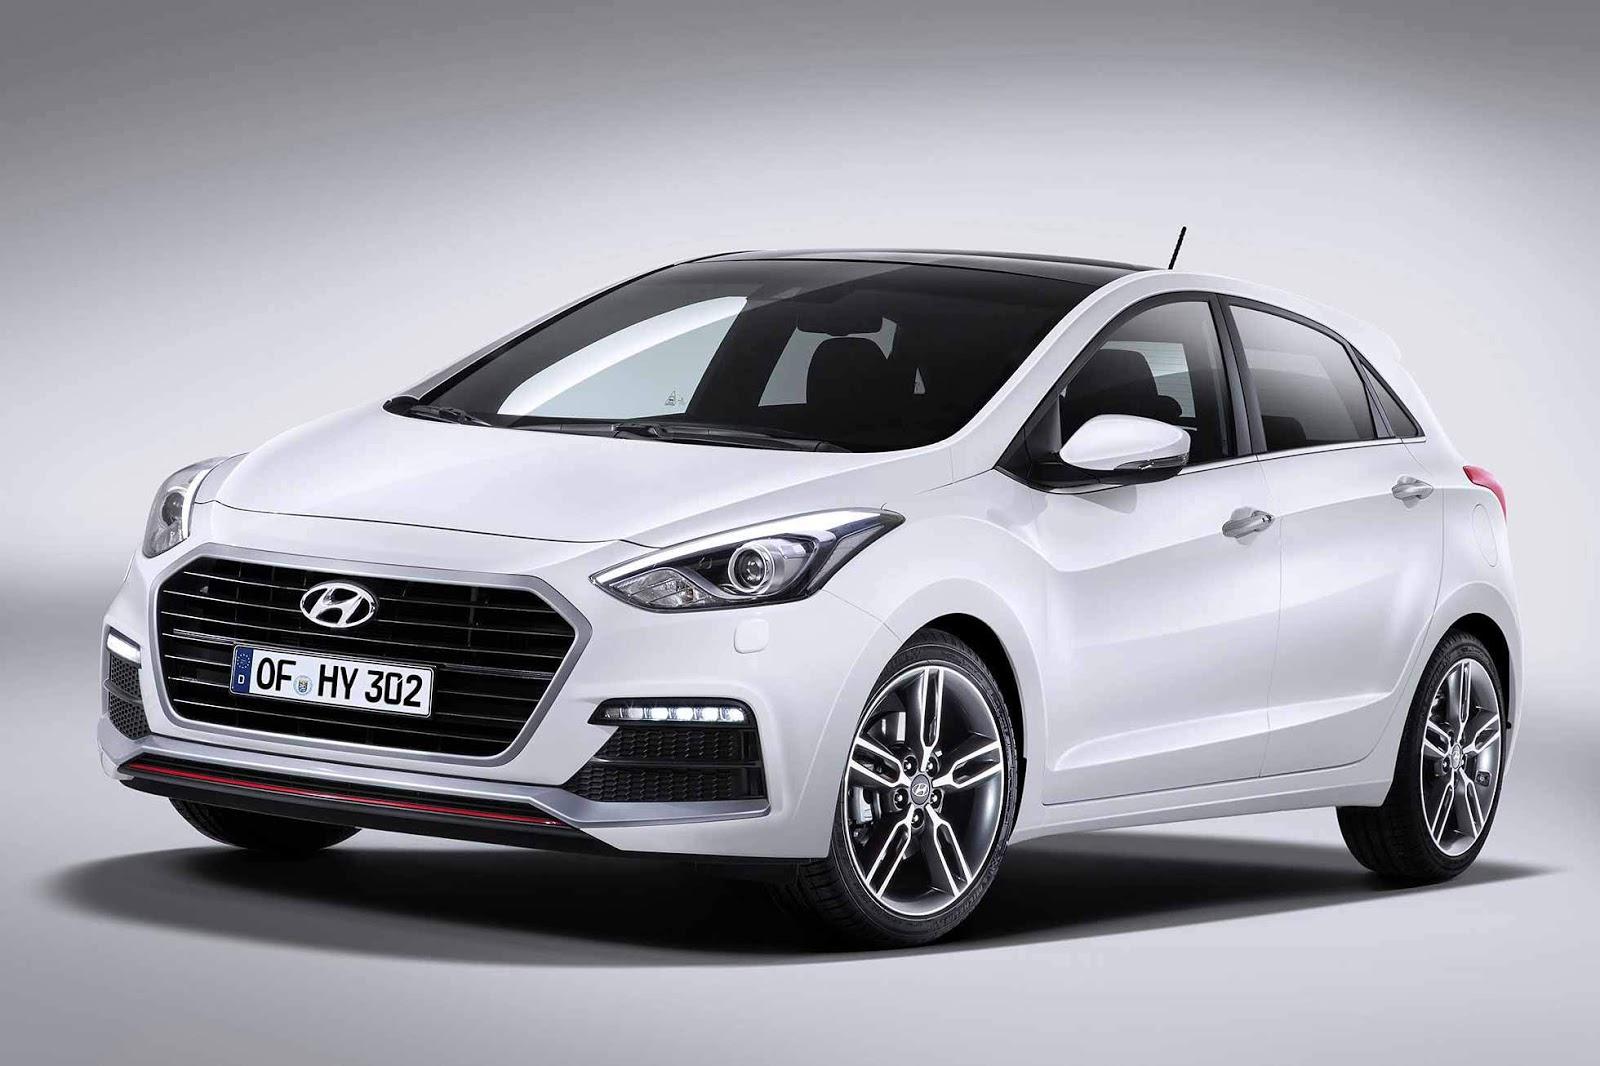 Hyundai Νέο πρόγραμμα service για τα Hyundai, με 20% έκπτωση και δωρεάν έλεγχο 15 σημείων